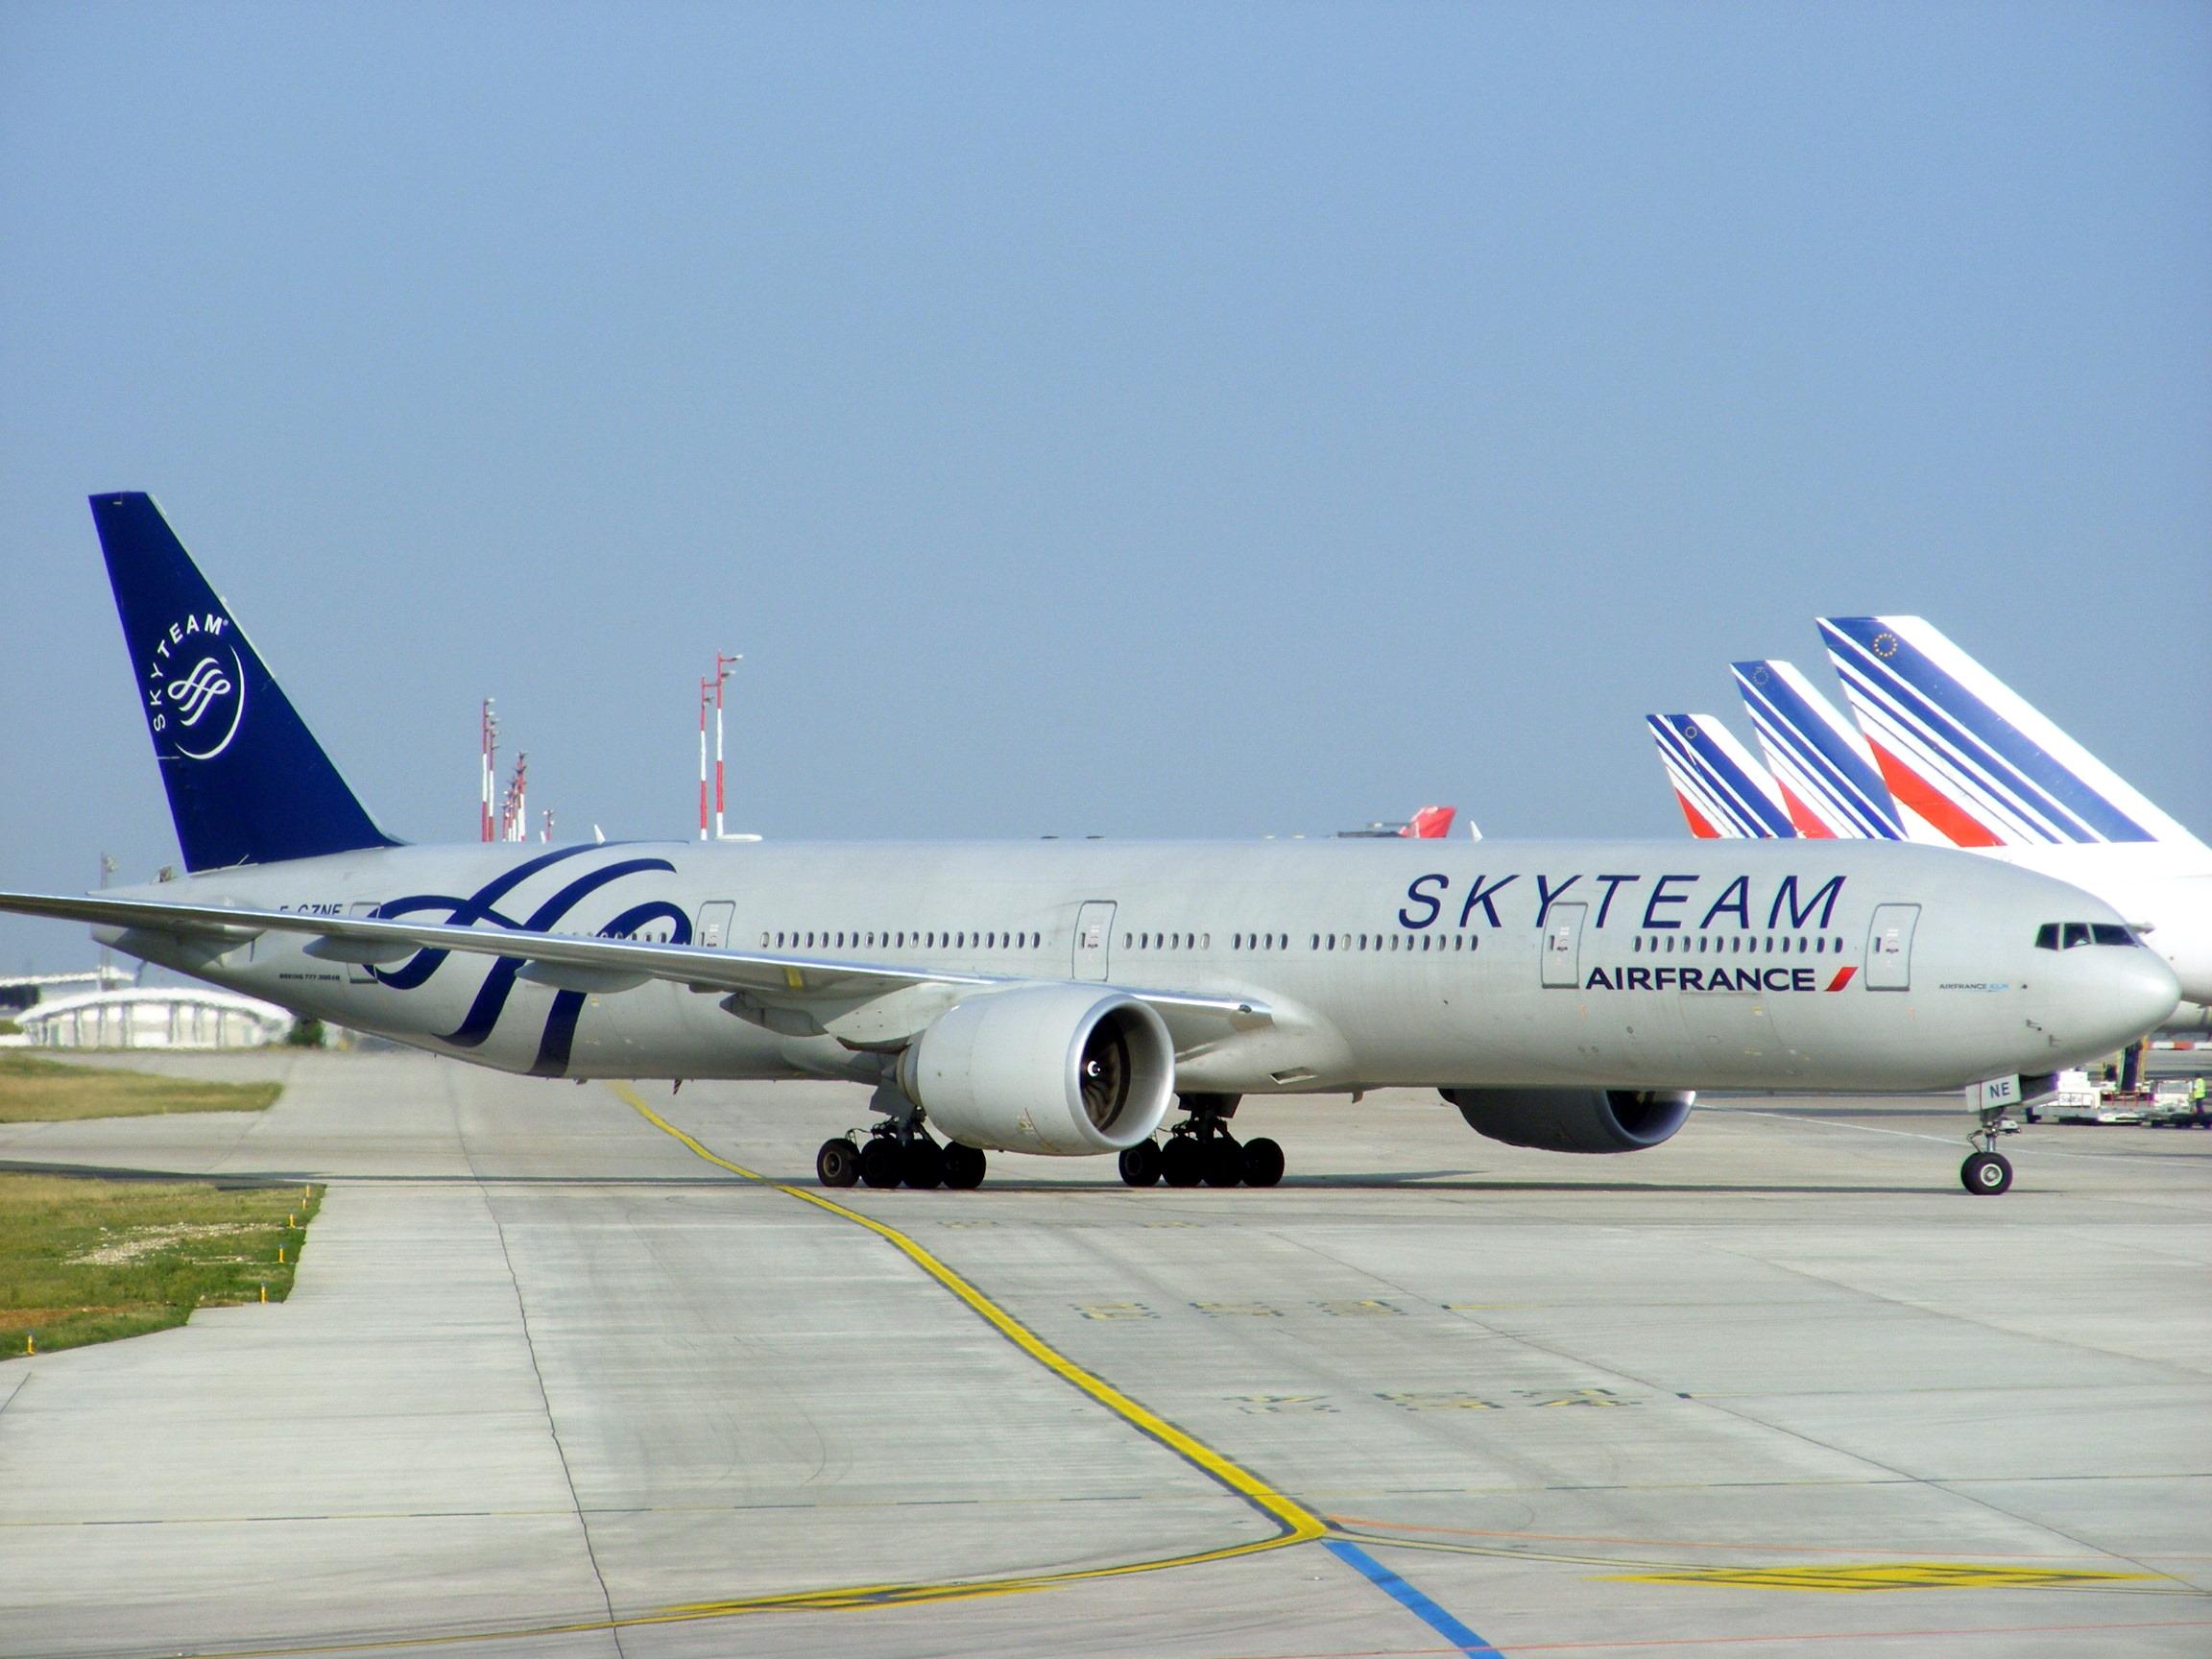 file air france boeing 777 328er f gzne skyteam livery. Black Bedroom Furniture Sets. Home Design Ideas